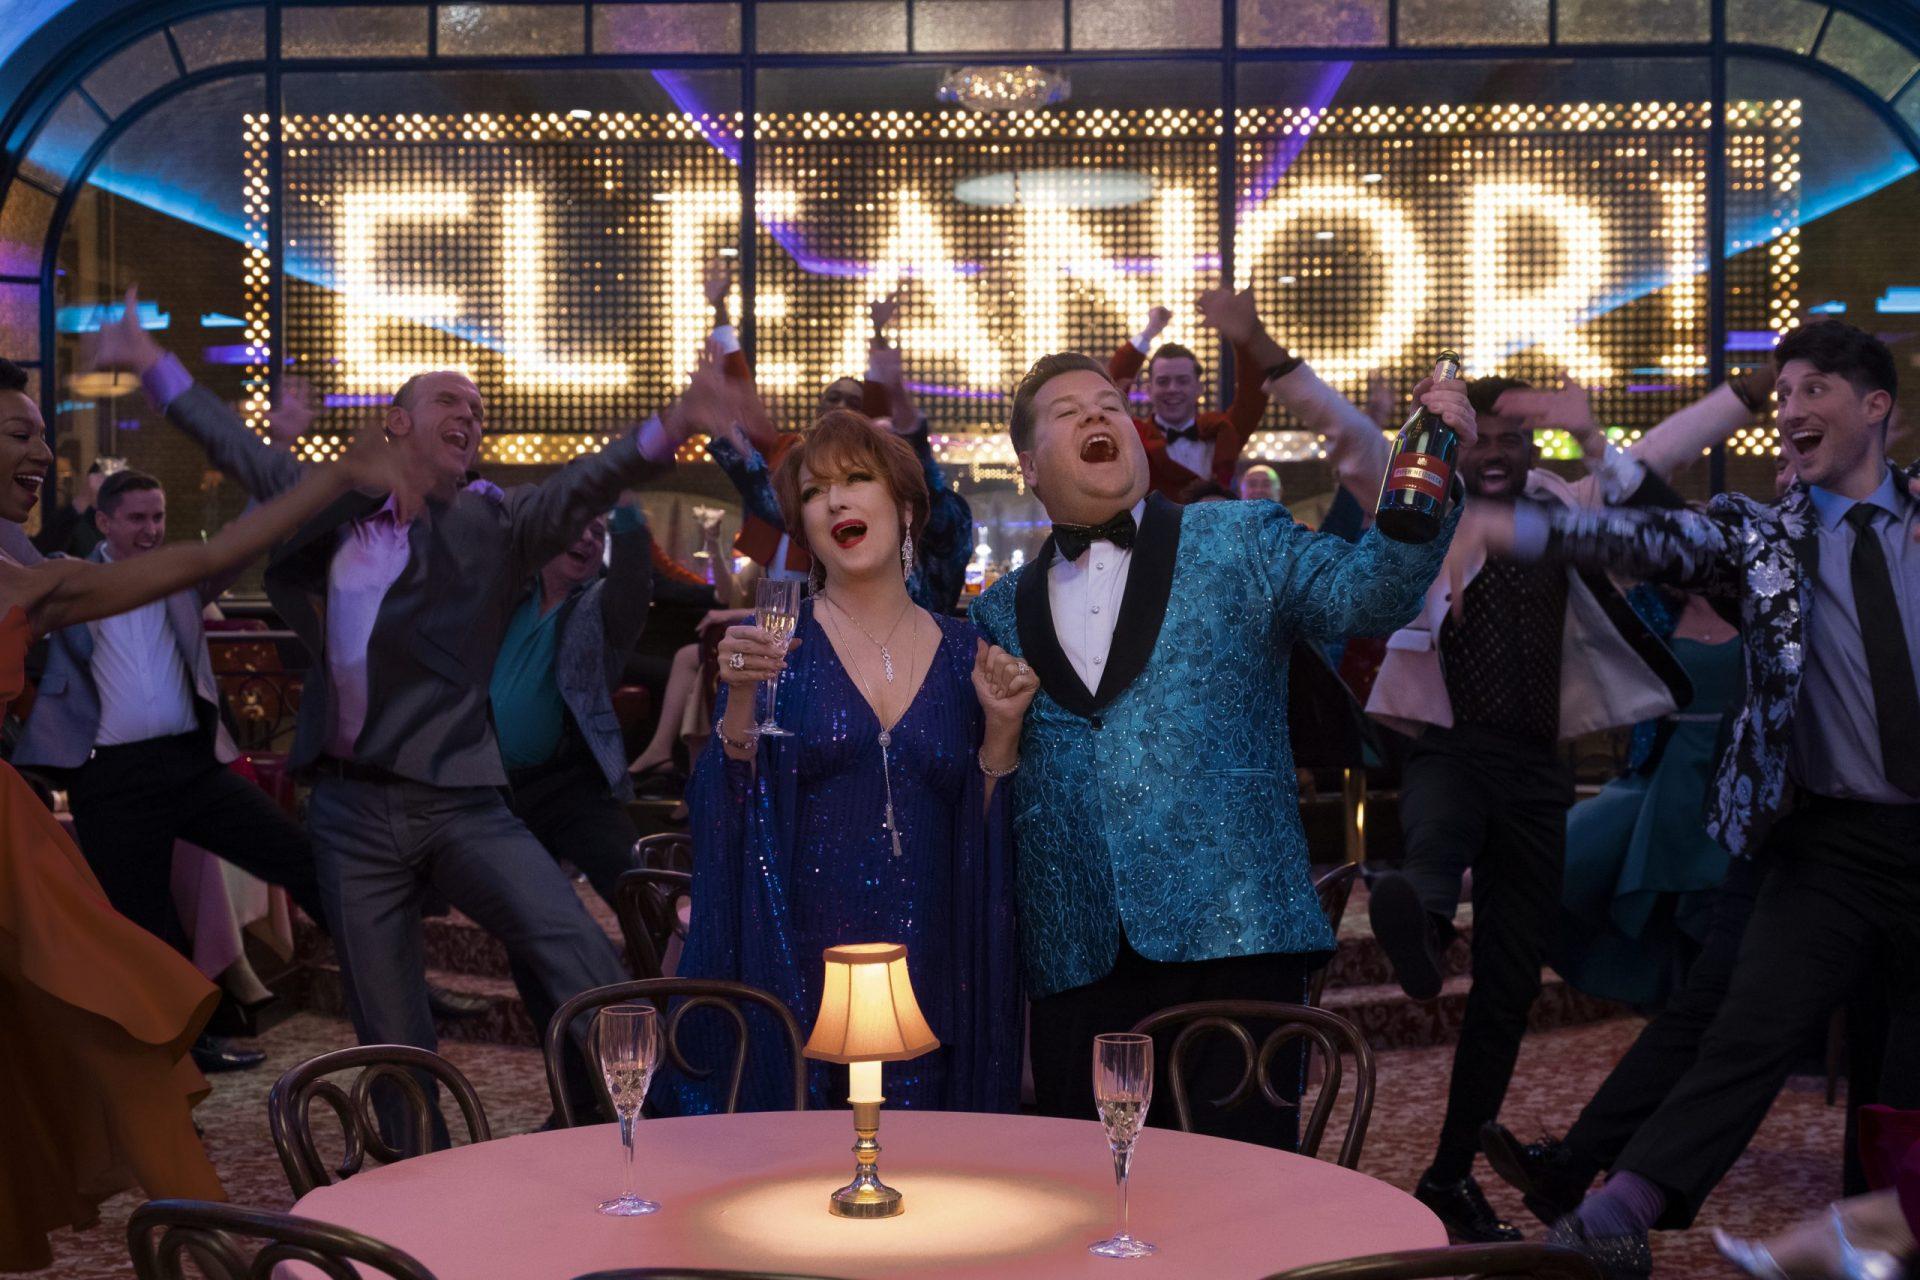 The Prom är en av de bästa komedierna på Netflix